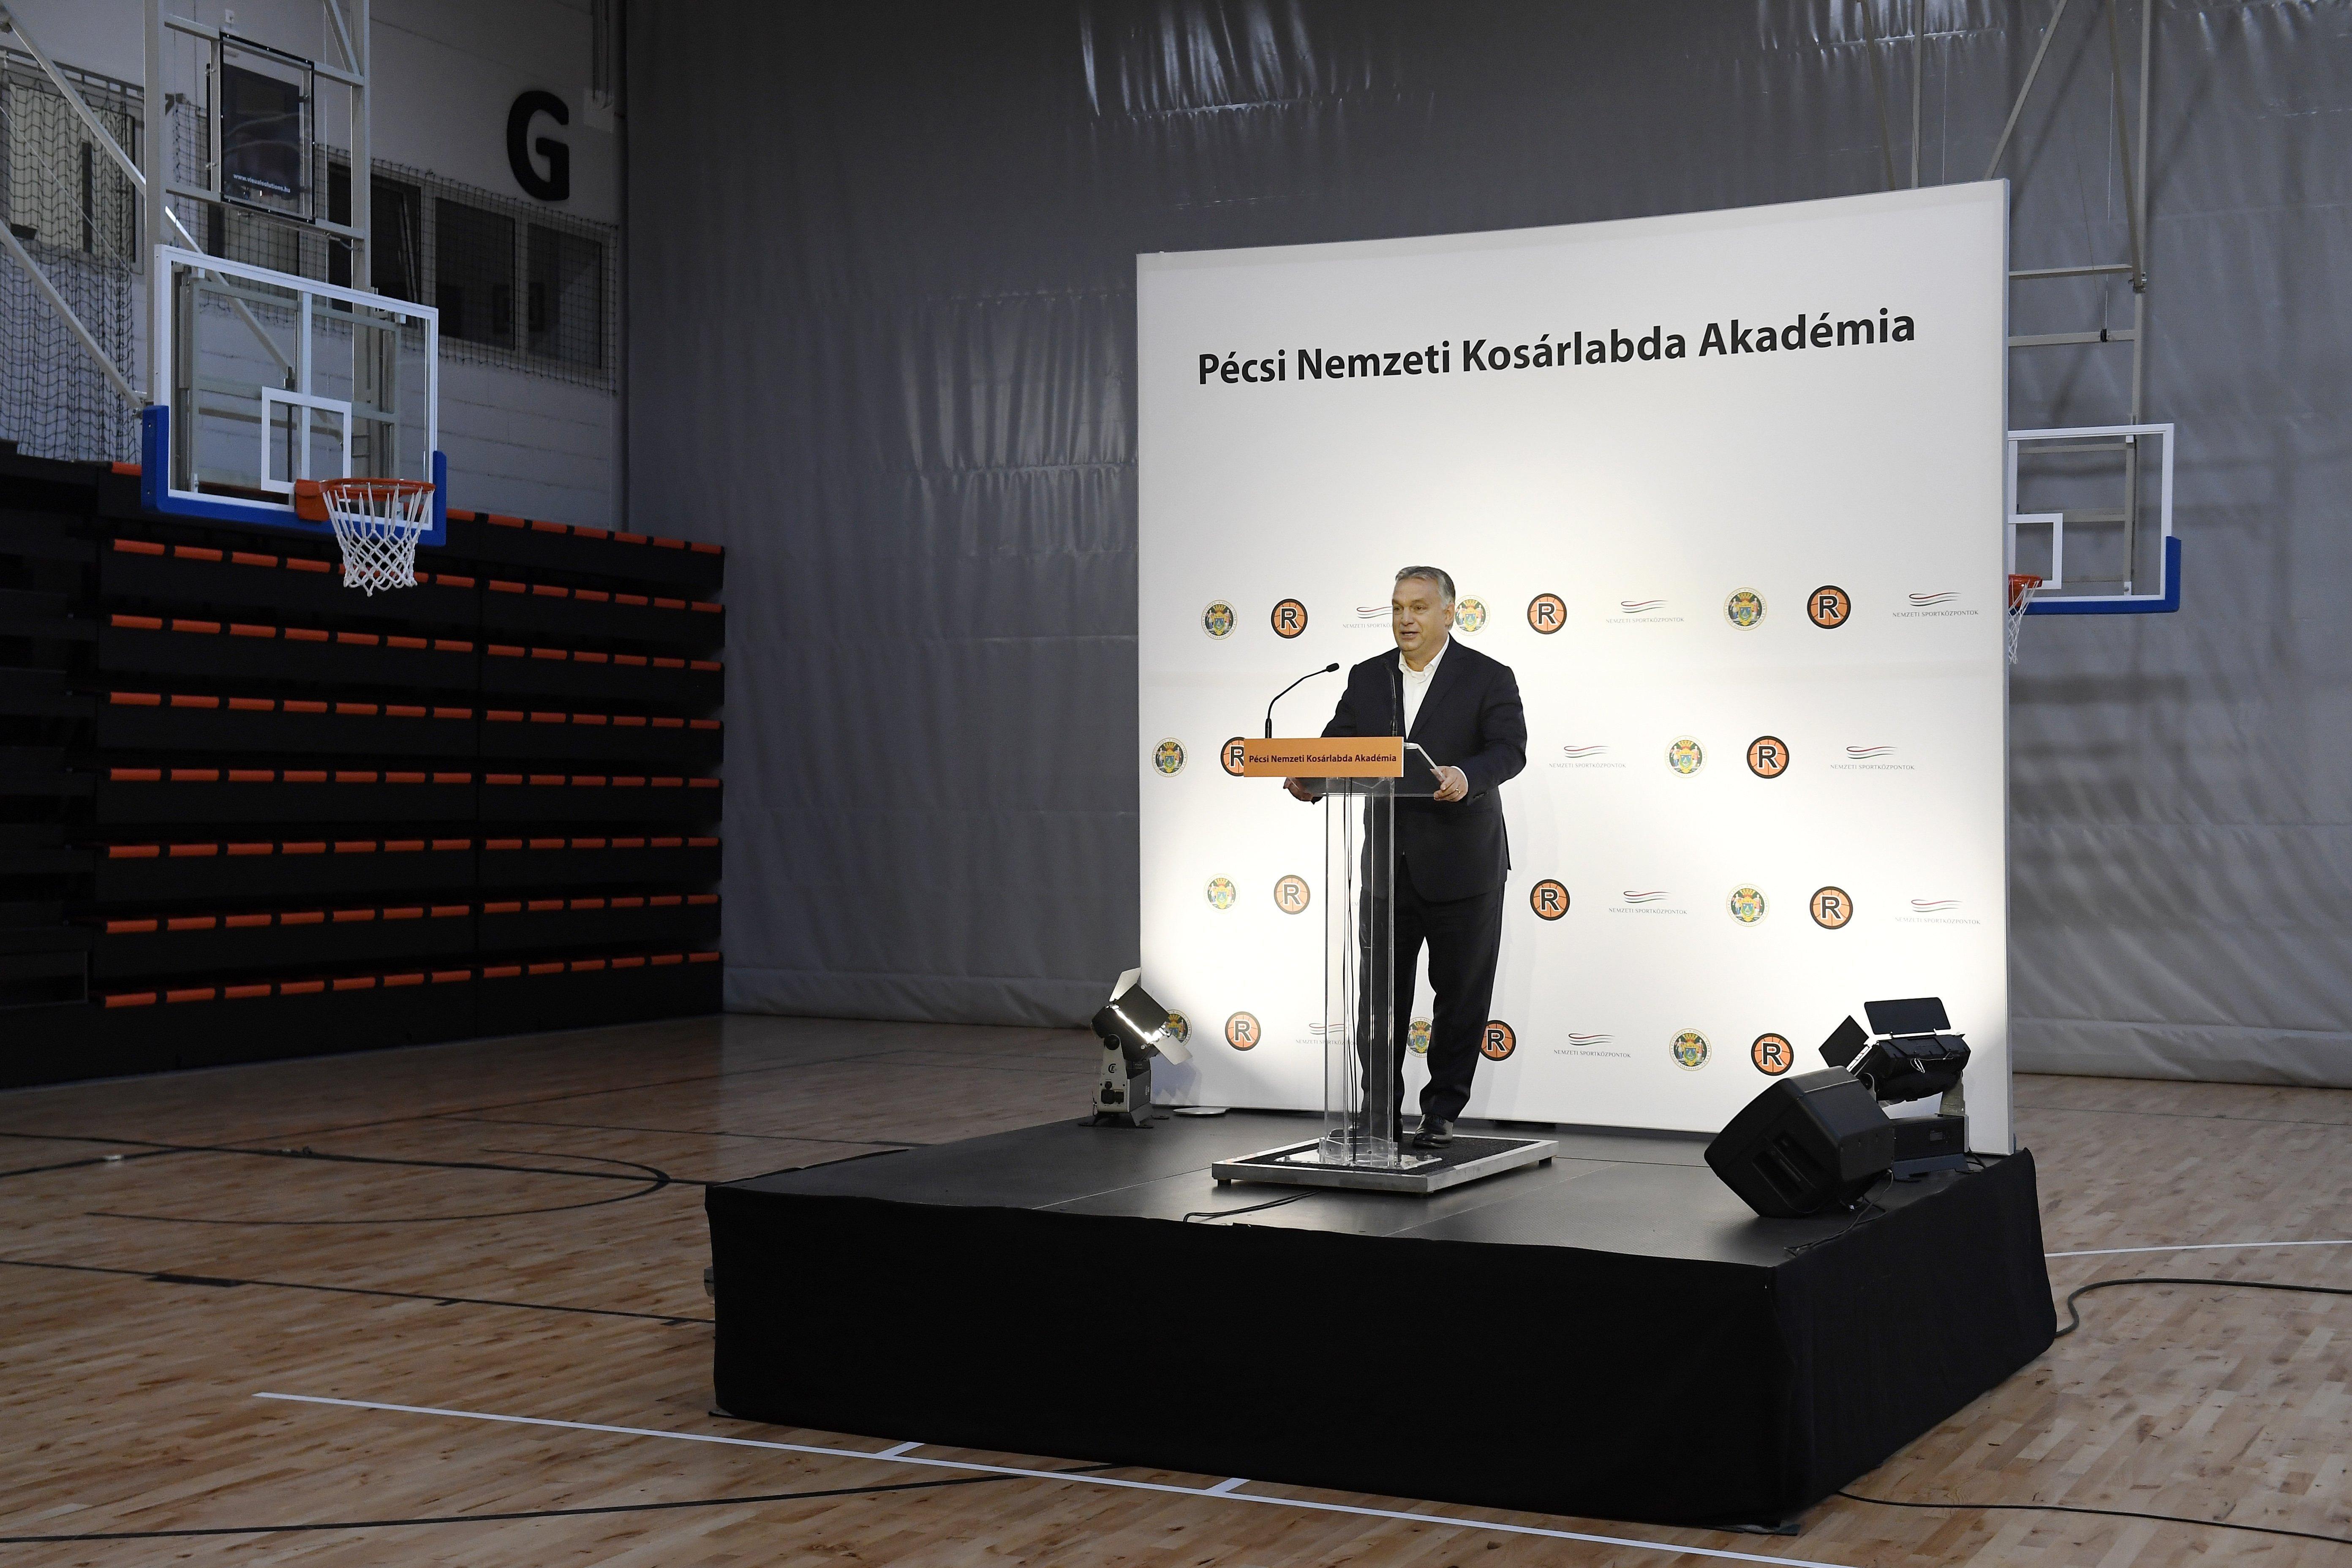 Budapest újabb sportsikere: áprilisban itt rendezik a kosárlabda utolsó olimpiai selejtezőtornáját